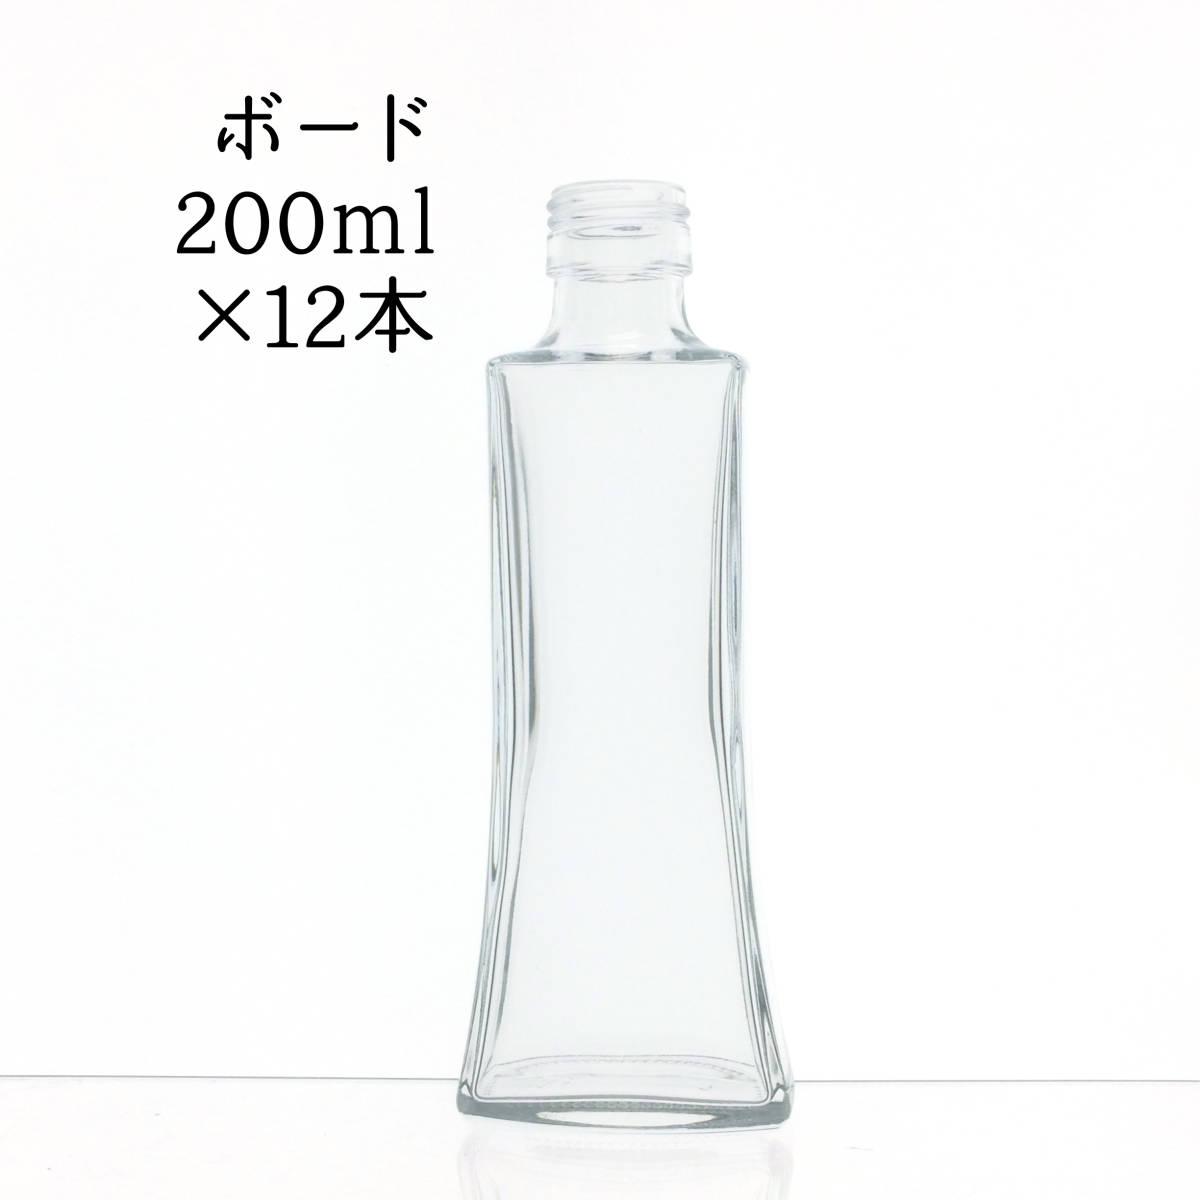 ハーバリウム瓶 ボード200ml 12本 ☆☆_画像1